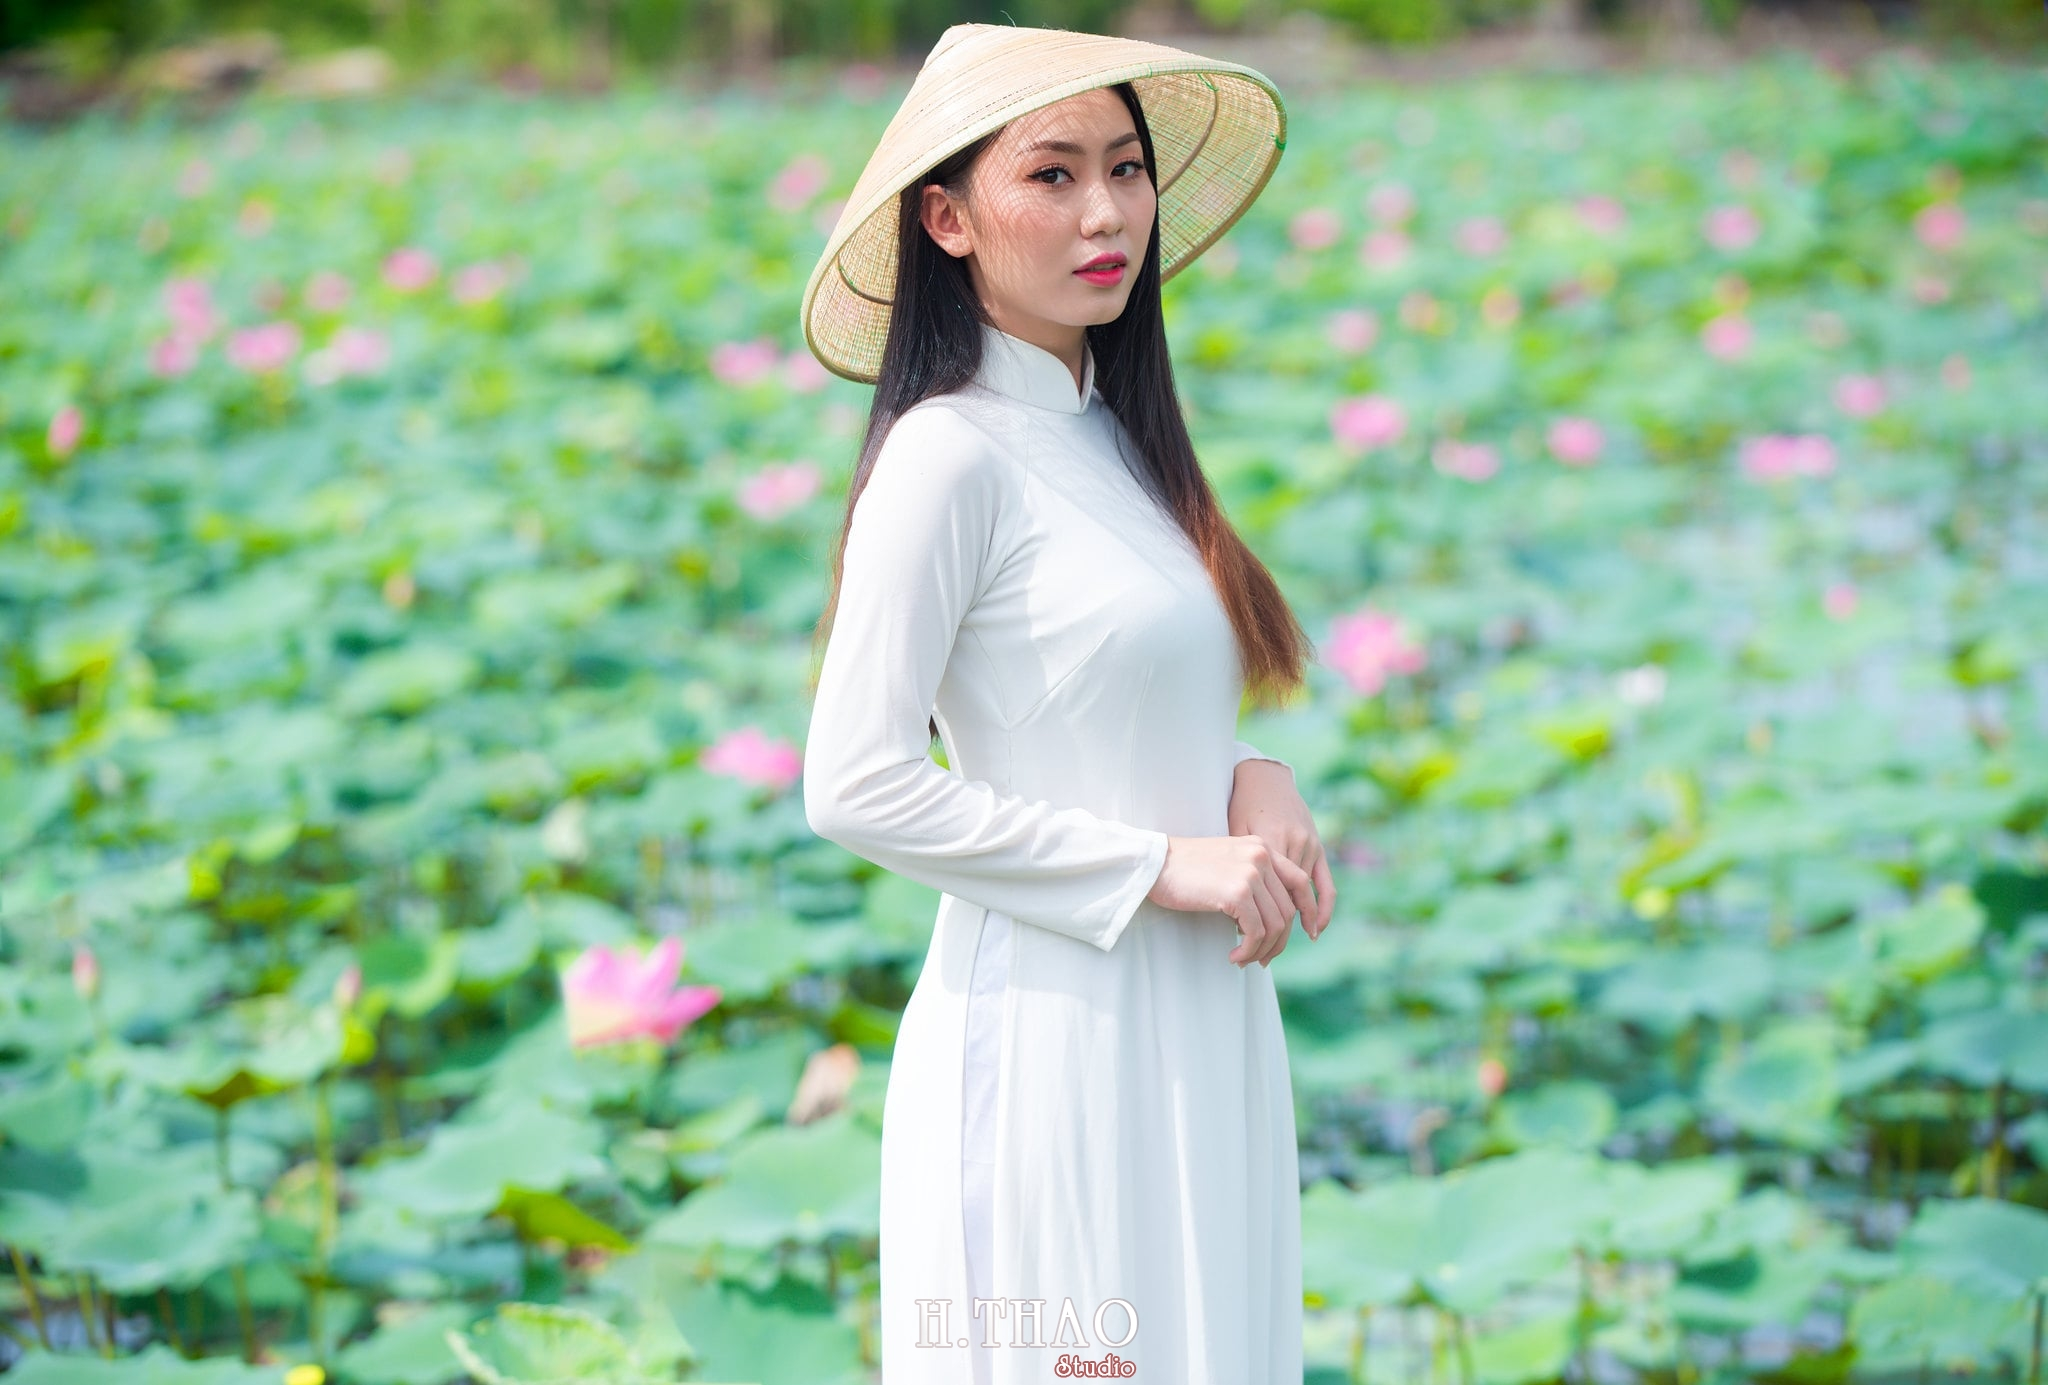 Chup hinh hoa sen 19 - Góc ảnh thiếu nữ bên hoa sen tam đa quận 9 tuyệt đẹp - HThao Studio